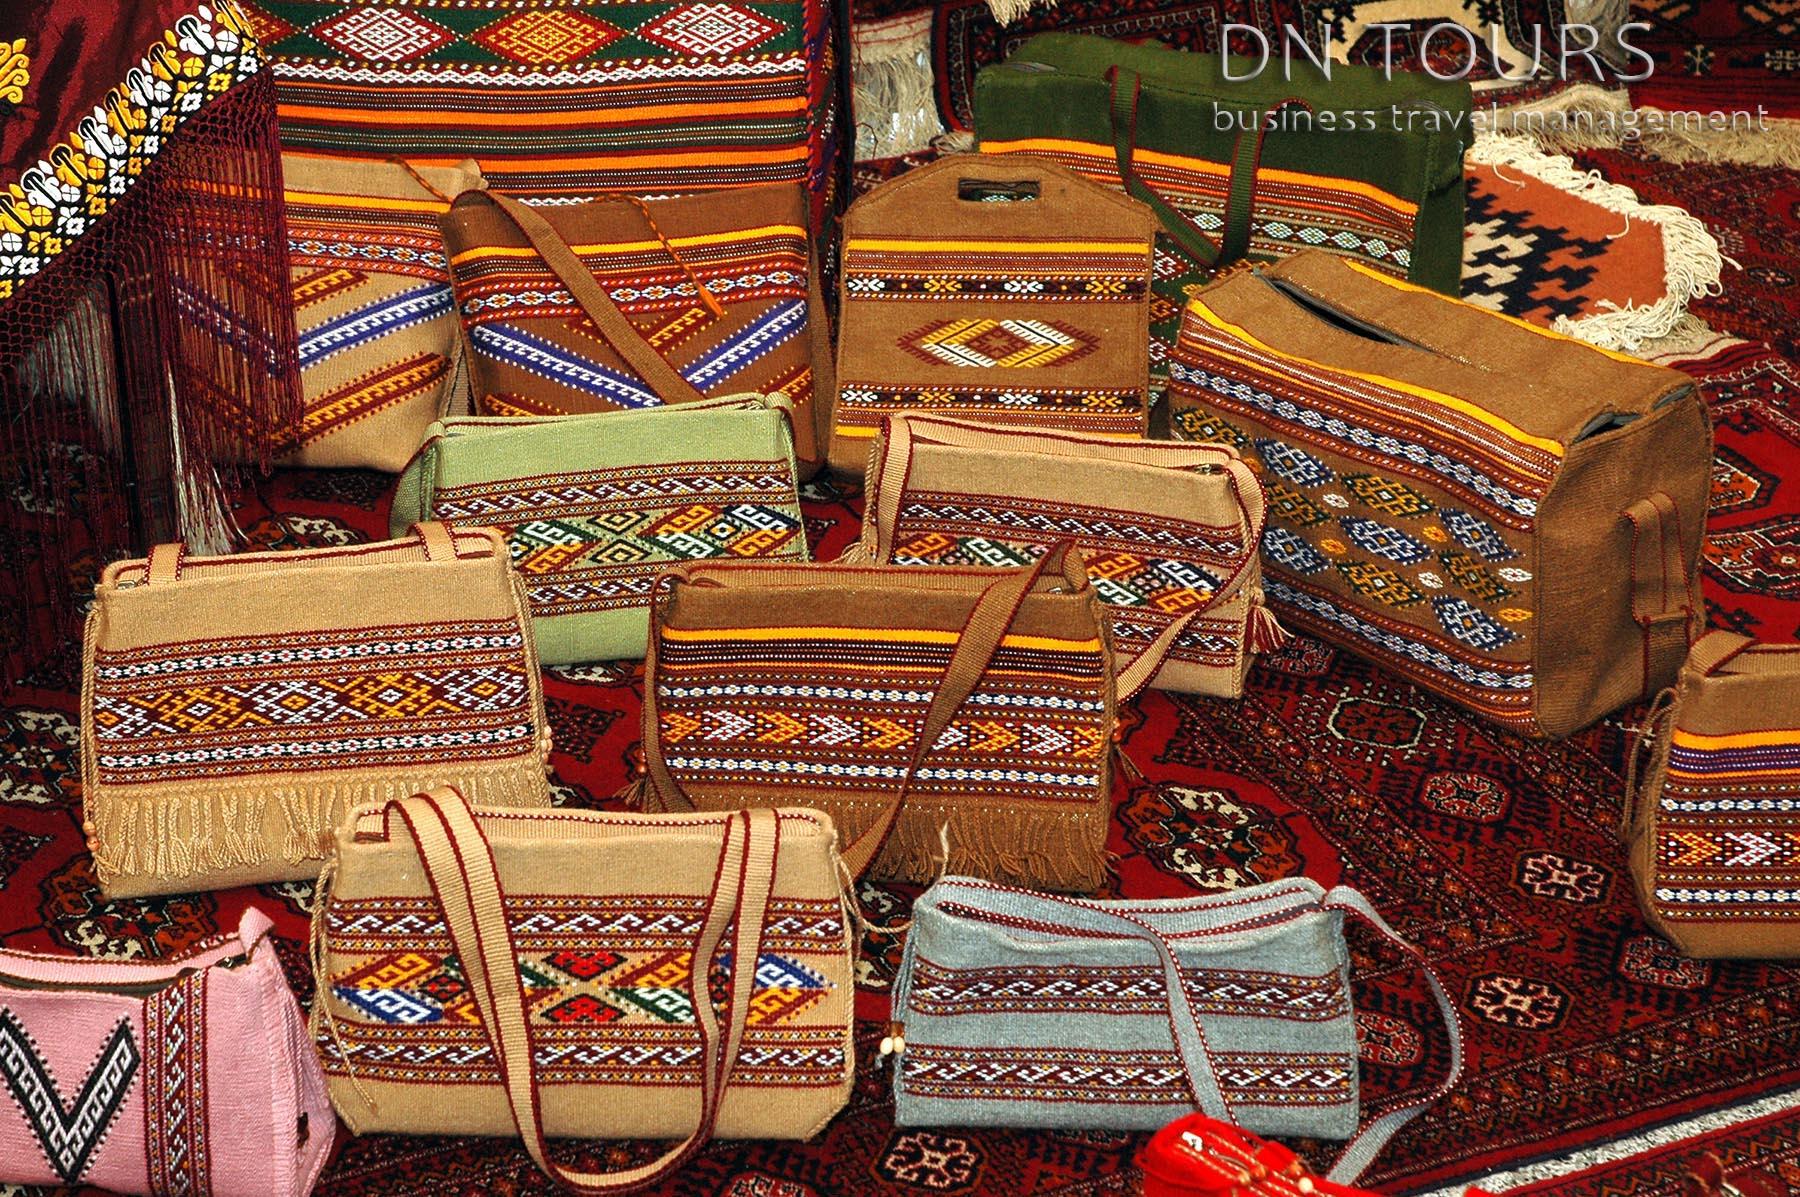 Рукодельные изделия, народное творчество Туркменистан (5)